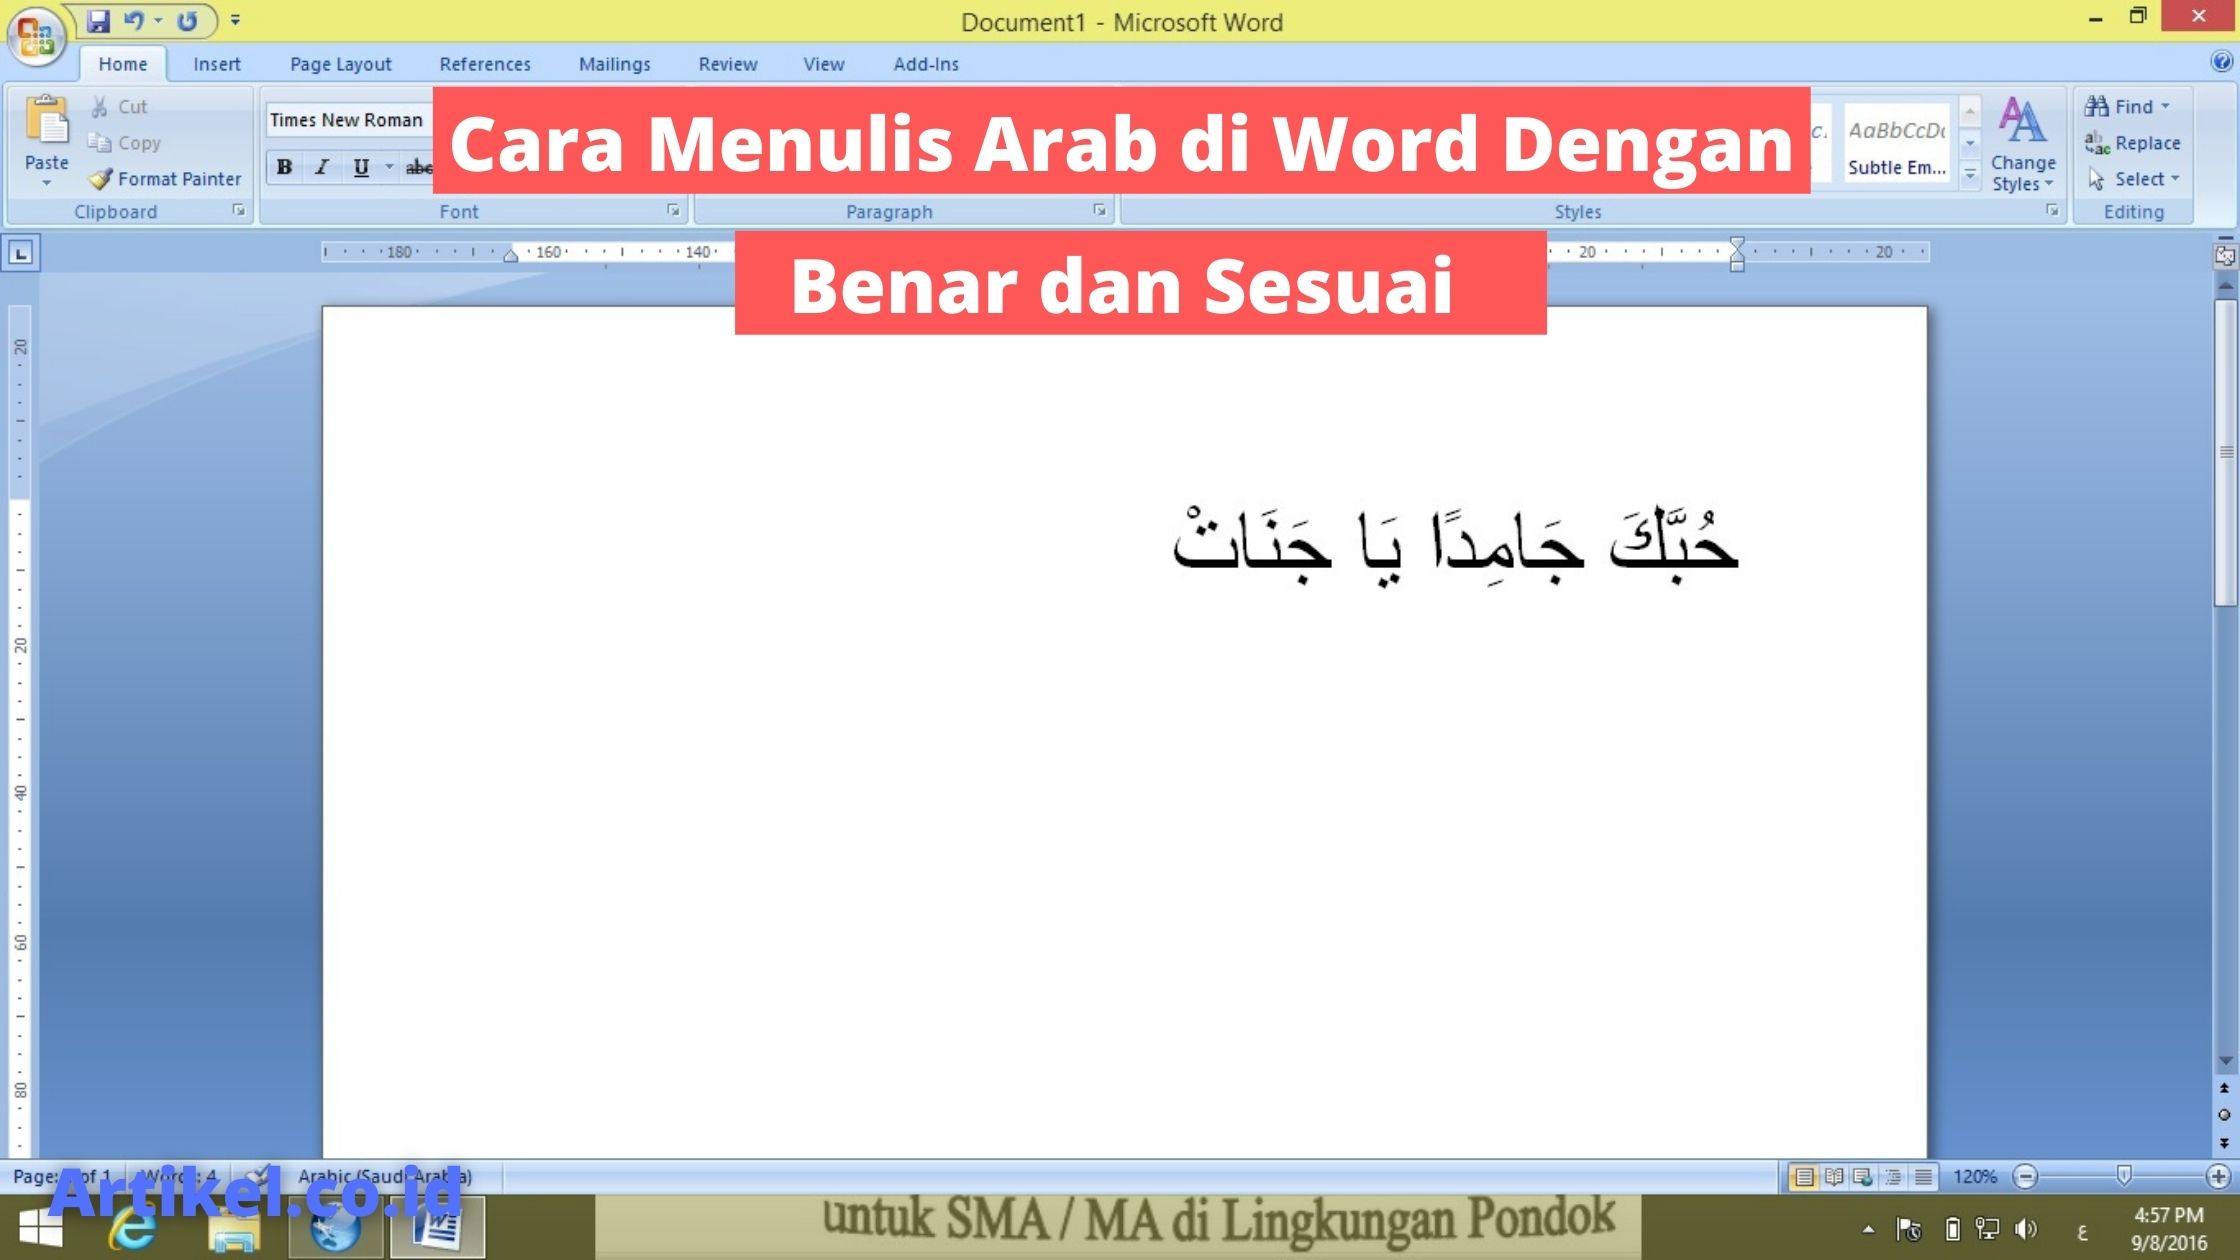 Read more about the article Cara Menulis Arab di Word dengan Benar dan Sesuai